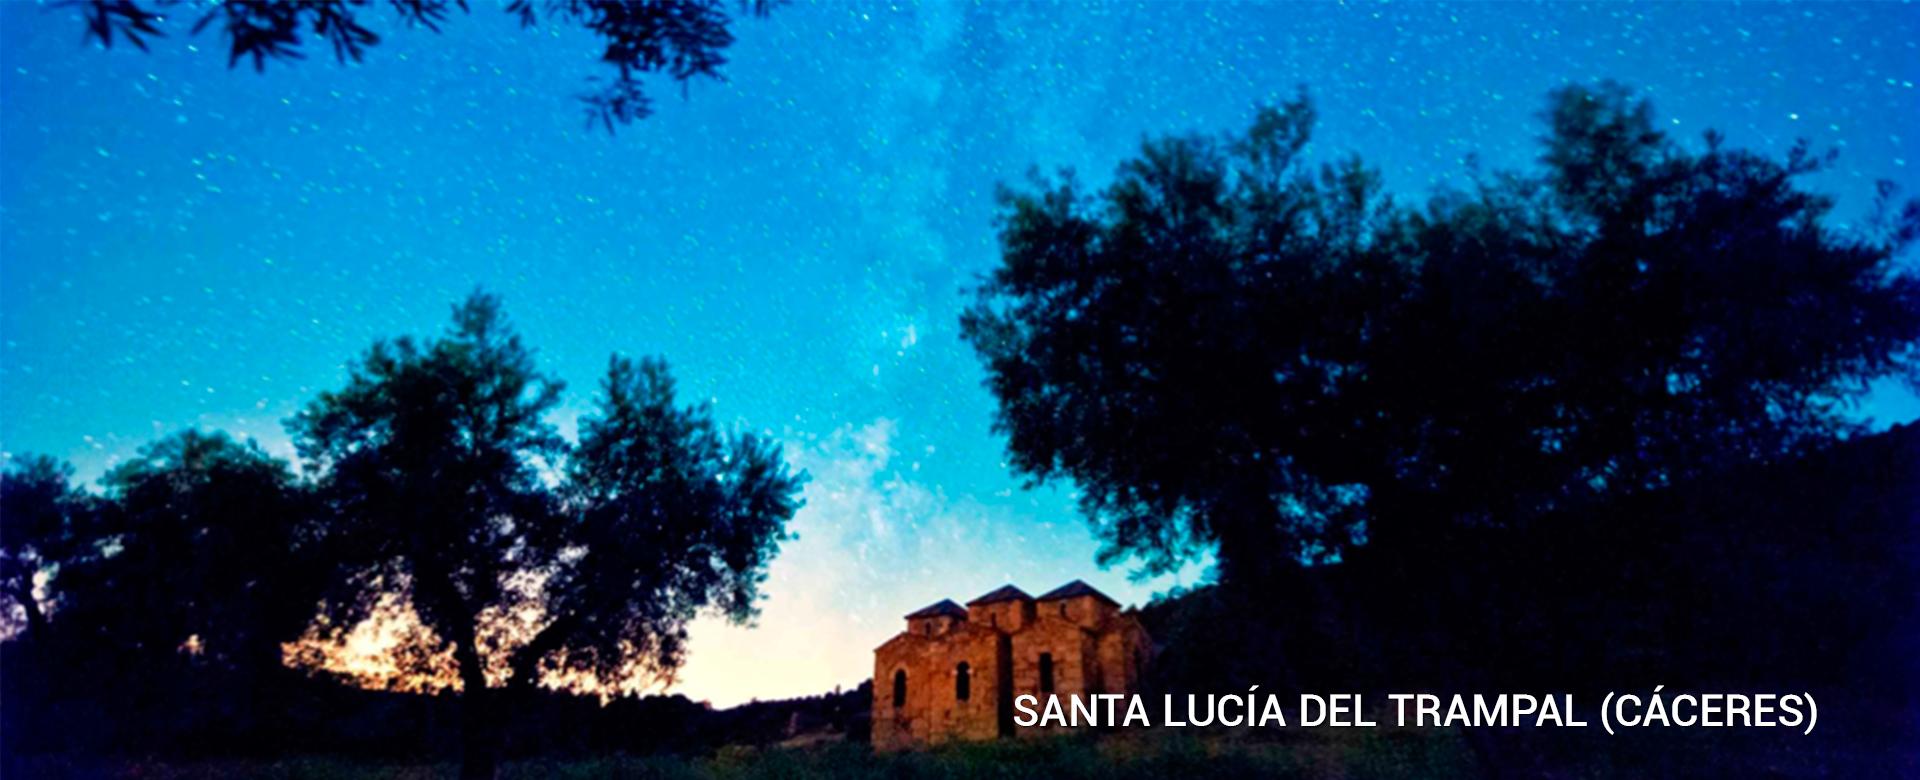 Santa-Lucia-del-Trampal